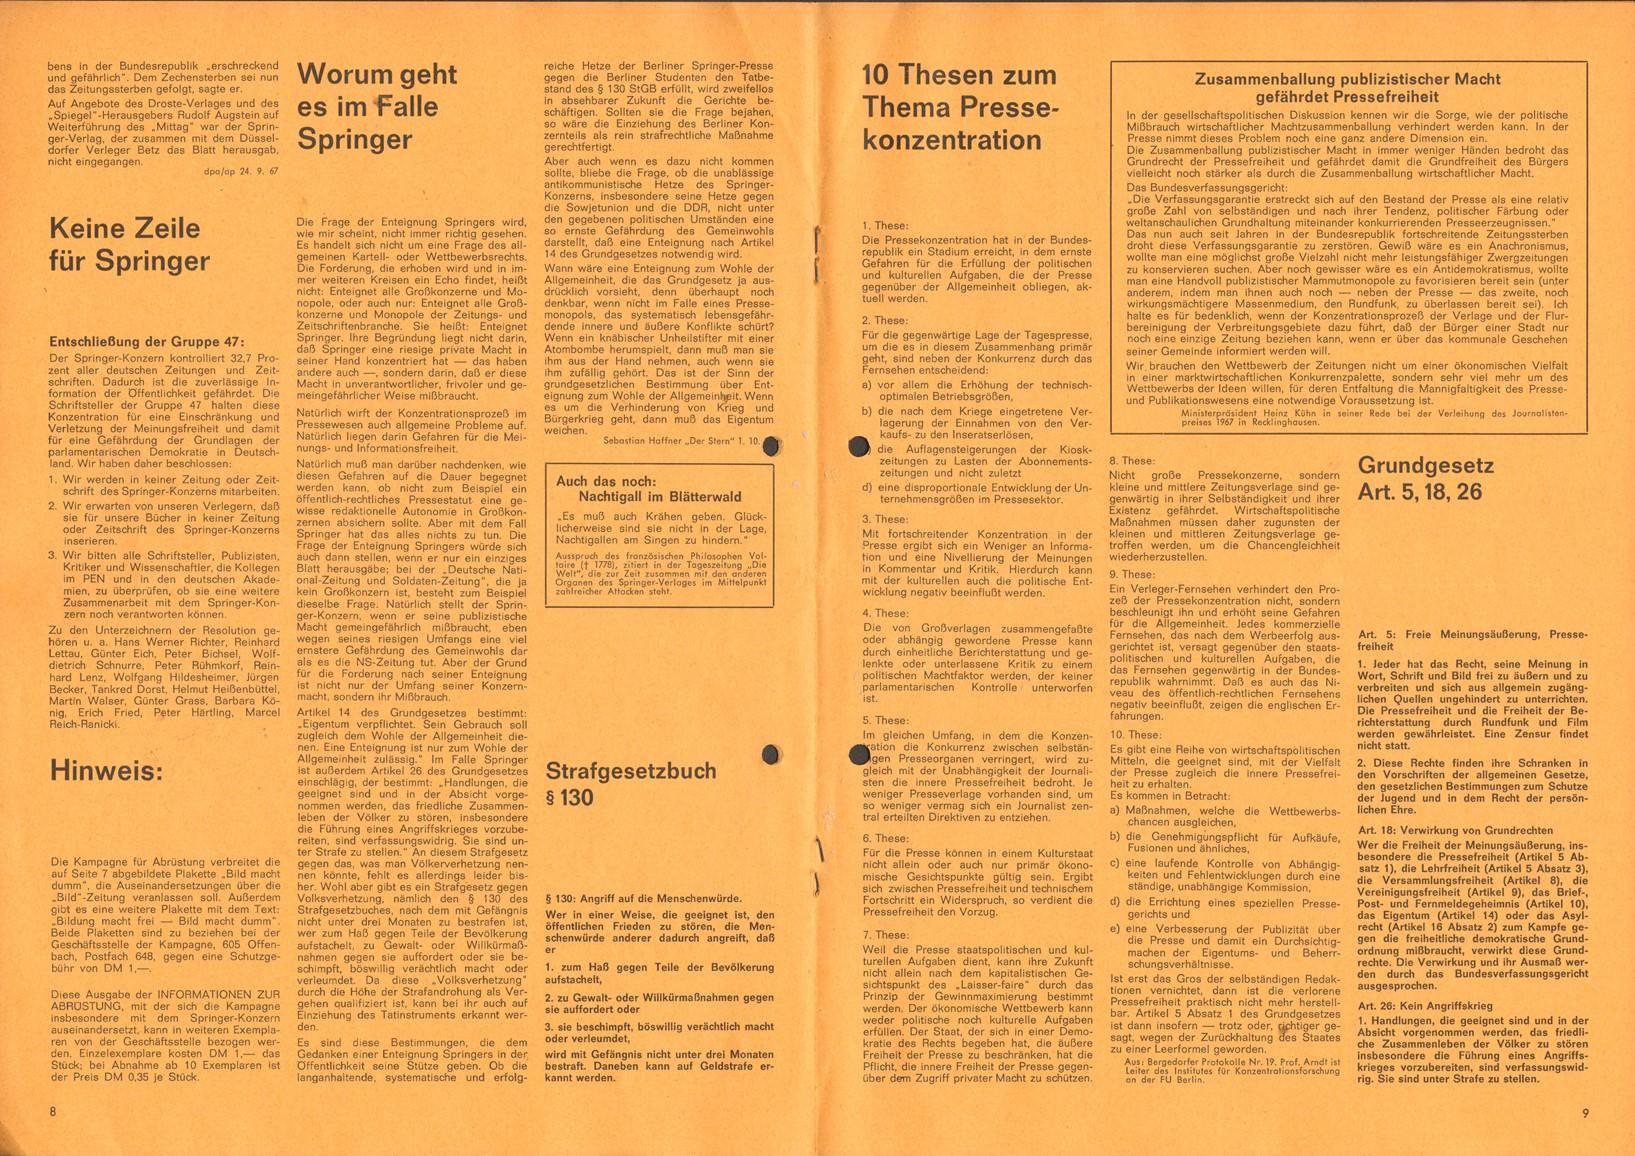 Informationen_zur_Abruestung_19671015_05